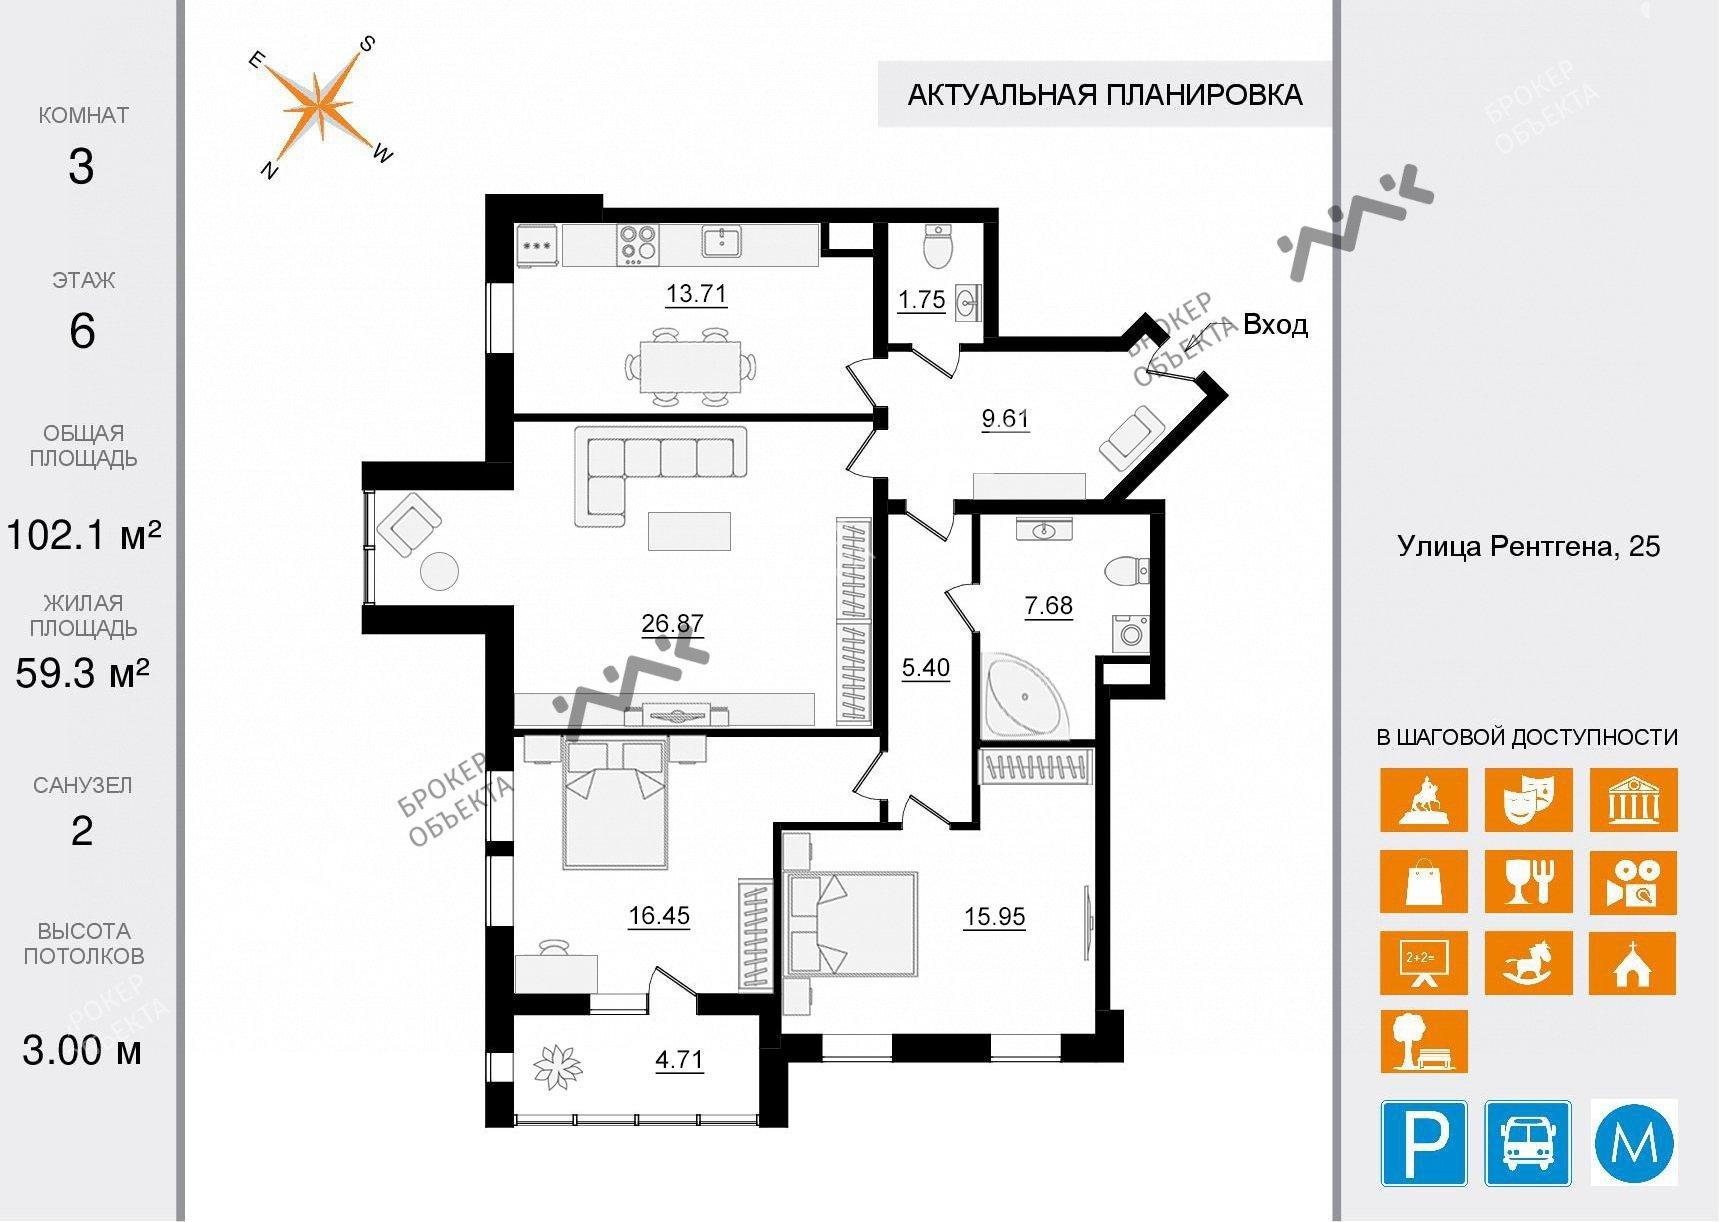 Планировка Чапаева ул., д.28. Лот № 34381543